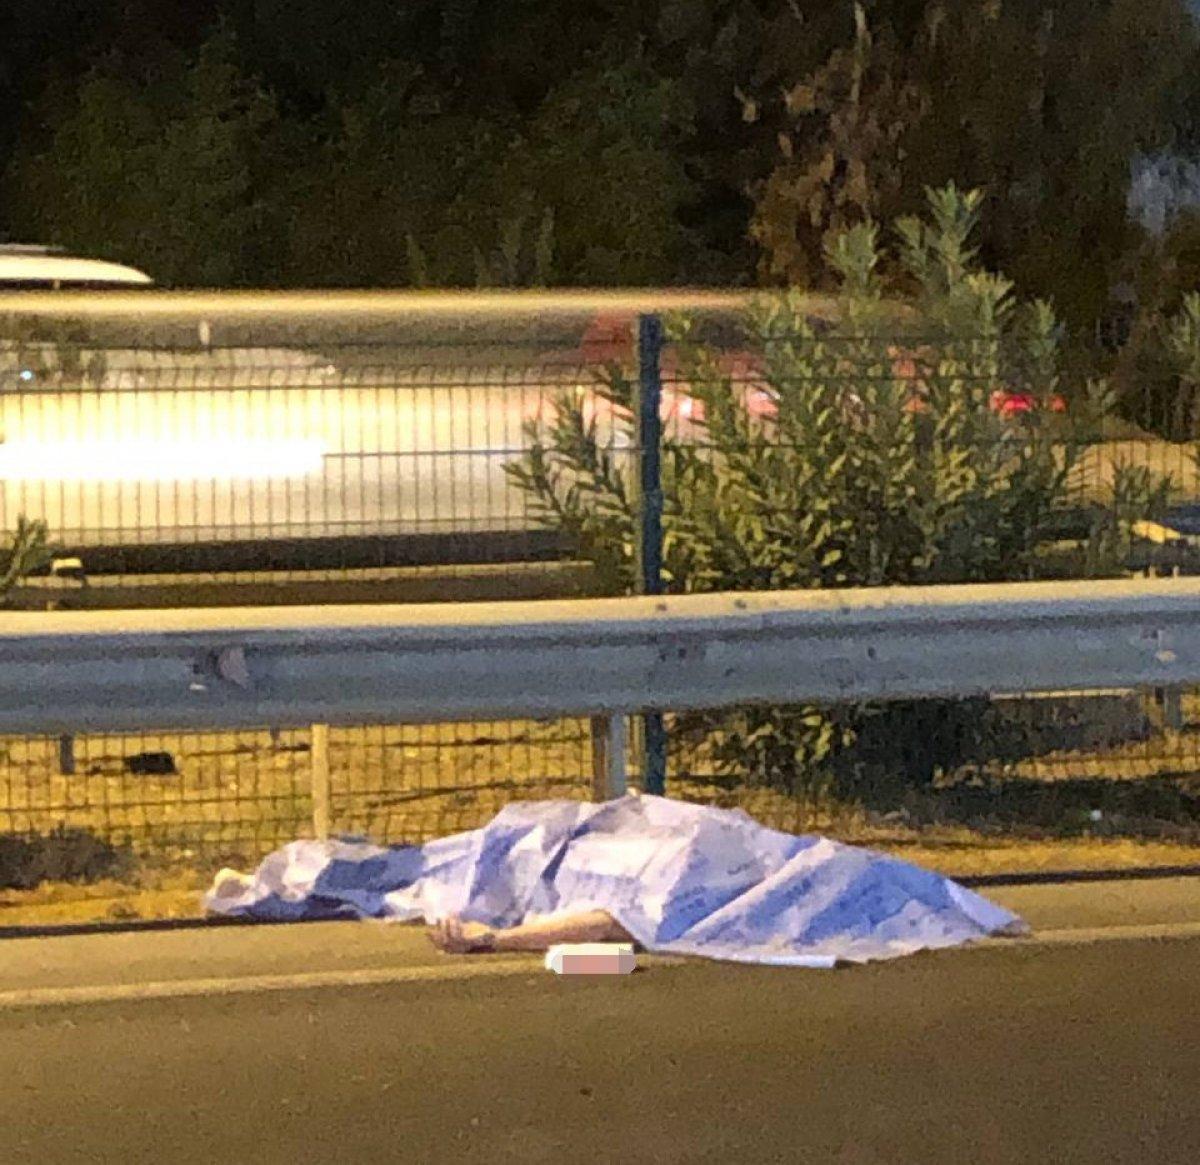 Antalya da turistlere araba çarptı: 1 ölü 1 yaralı #1